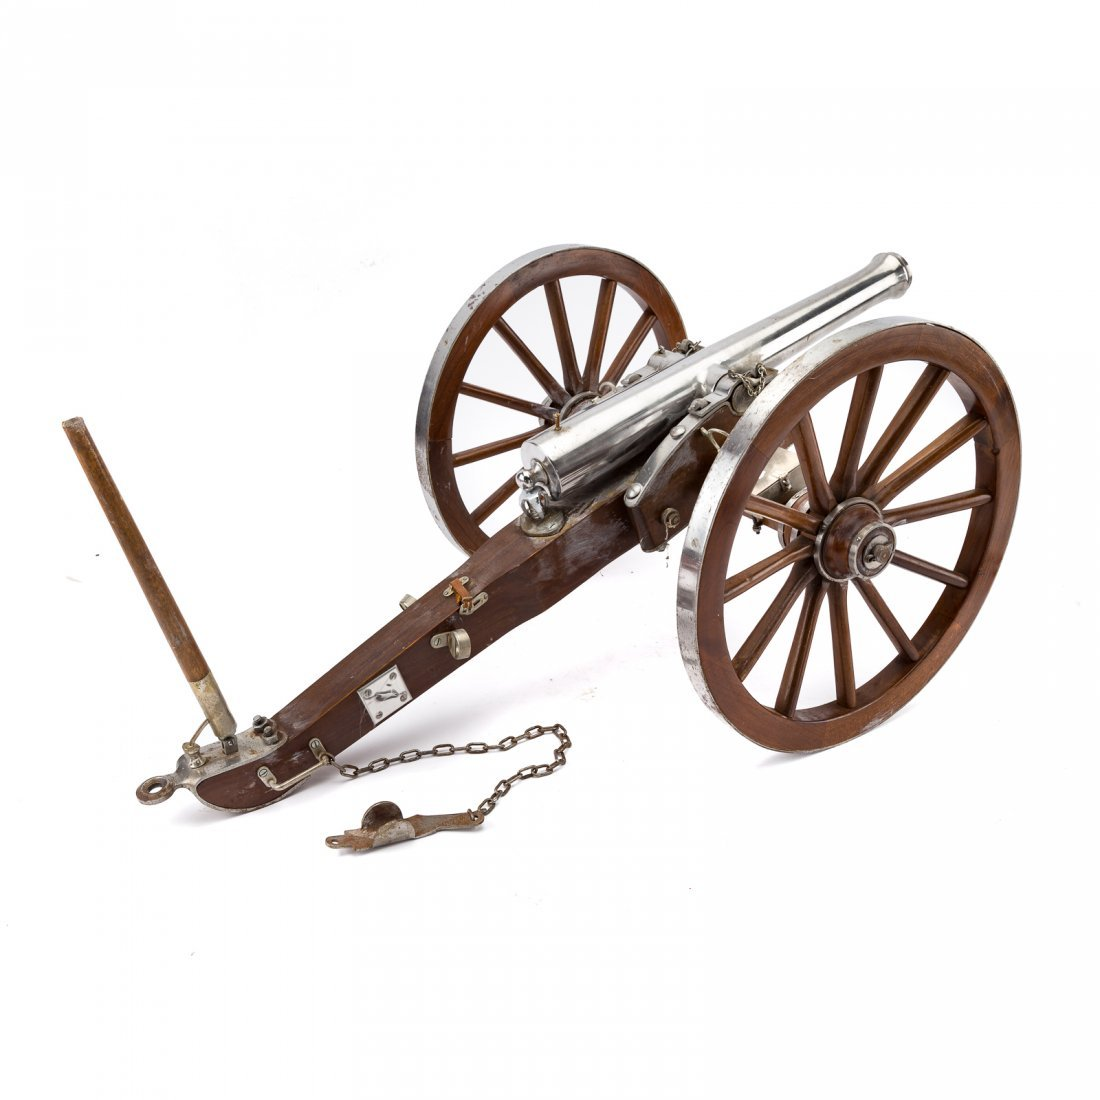 Miniature working replica of Dahlgren cannon - 6